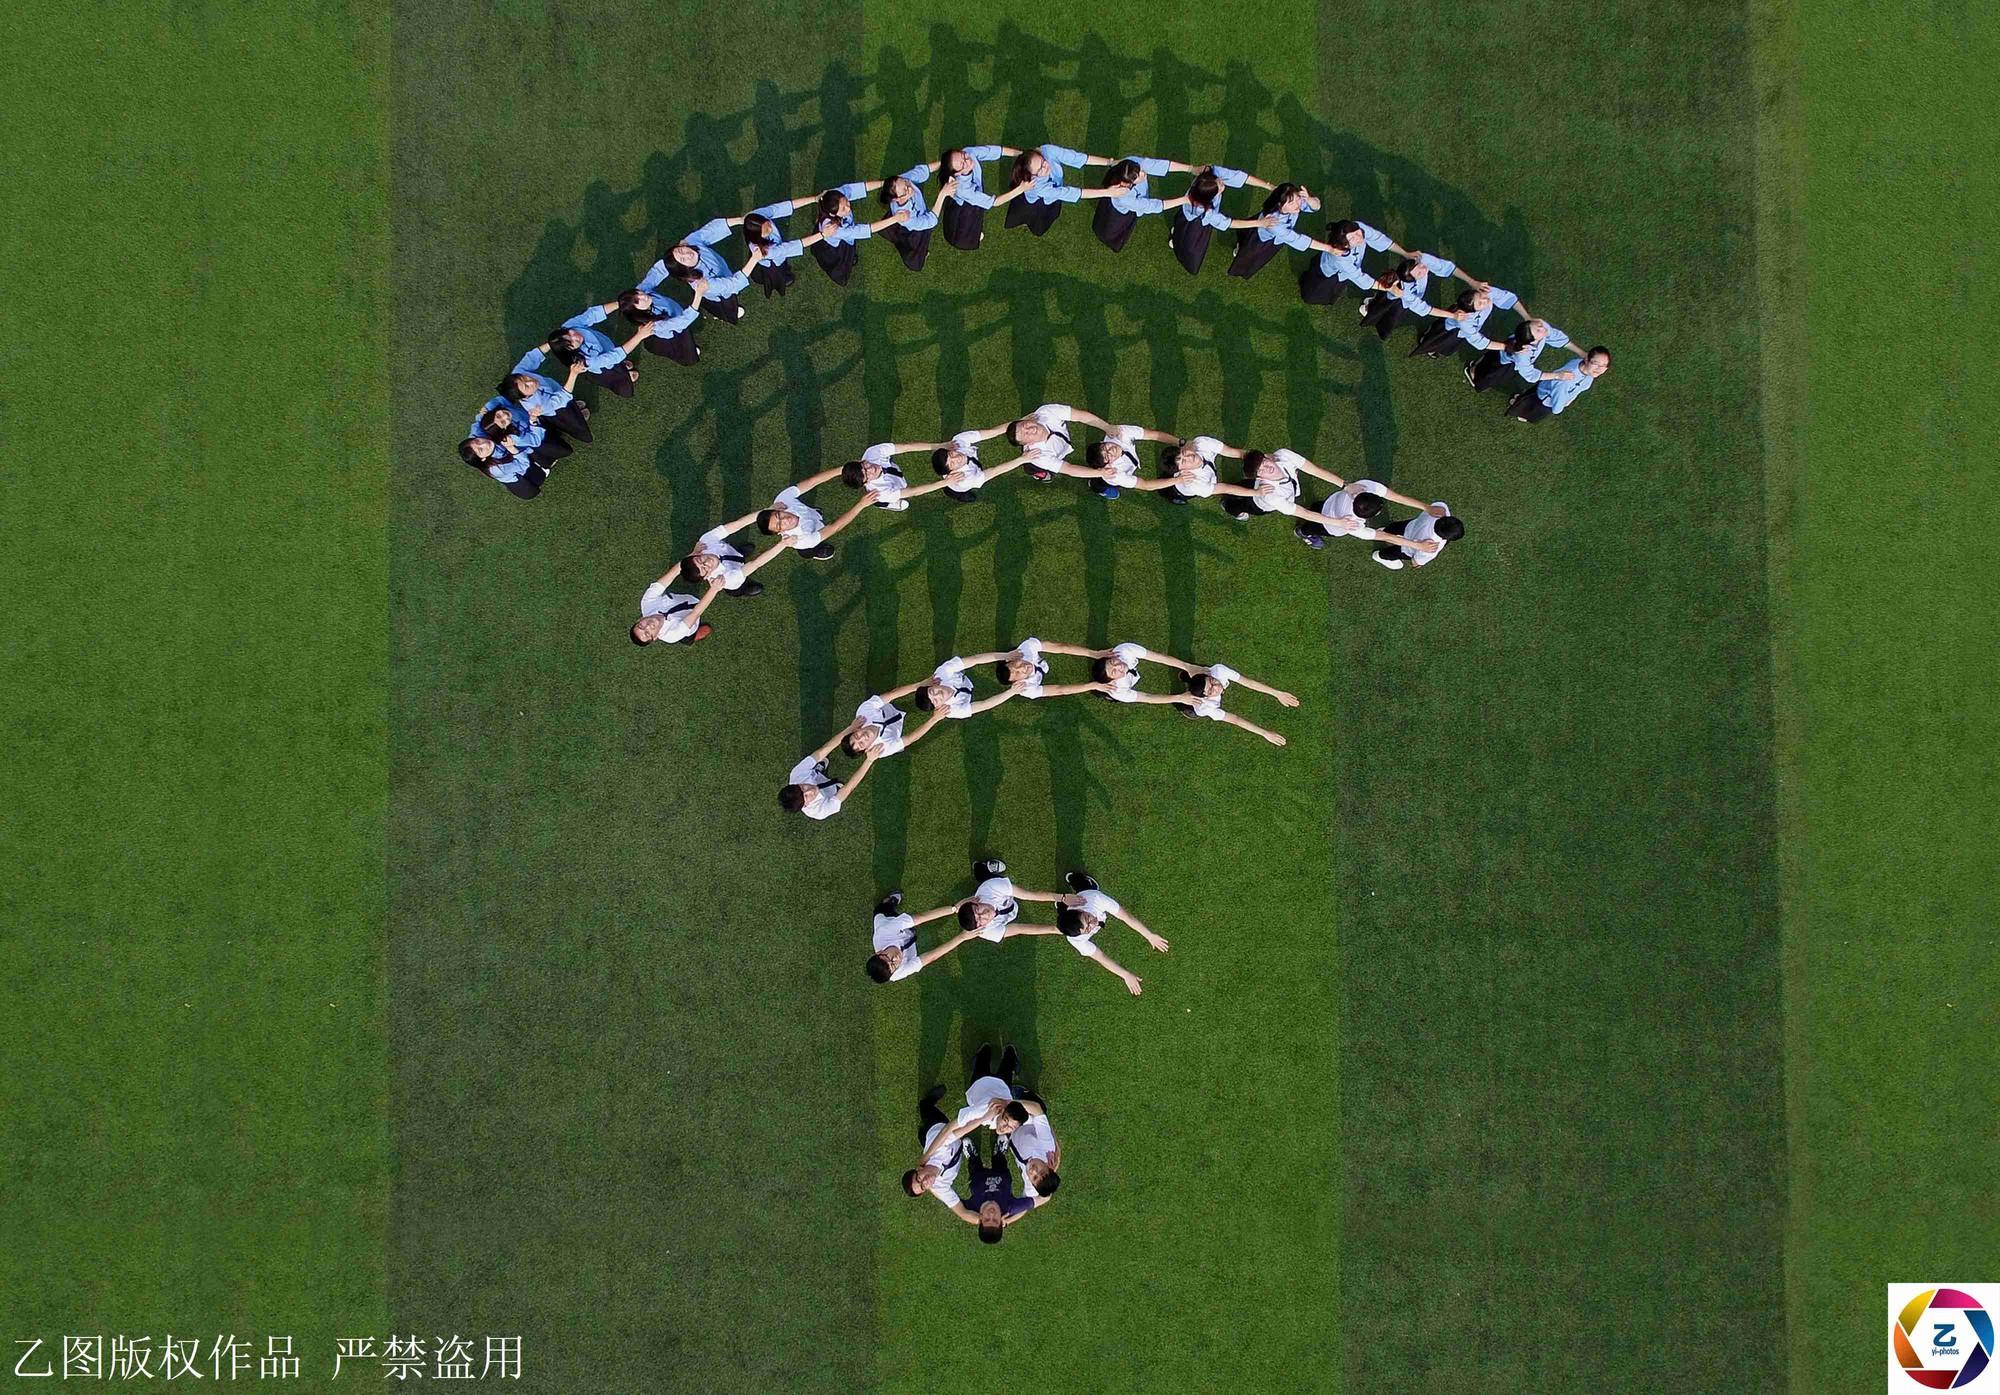 Kỷ yếu của học sinh Trung Quốc: Lầy lội nhưng sáng tạo và chất không kém Việt Nam - Ảnh 17.